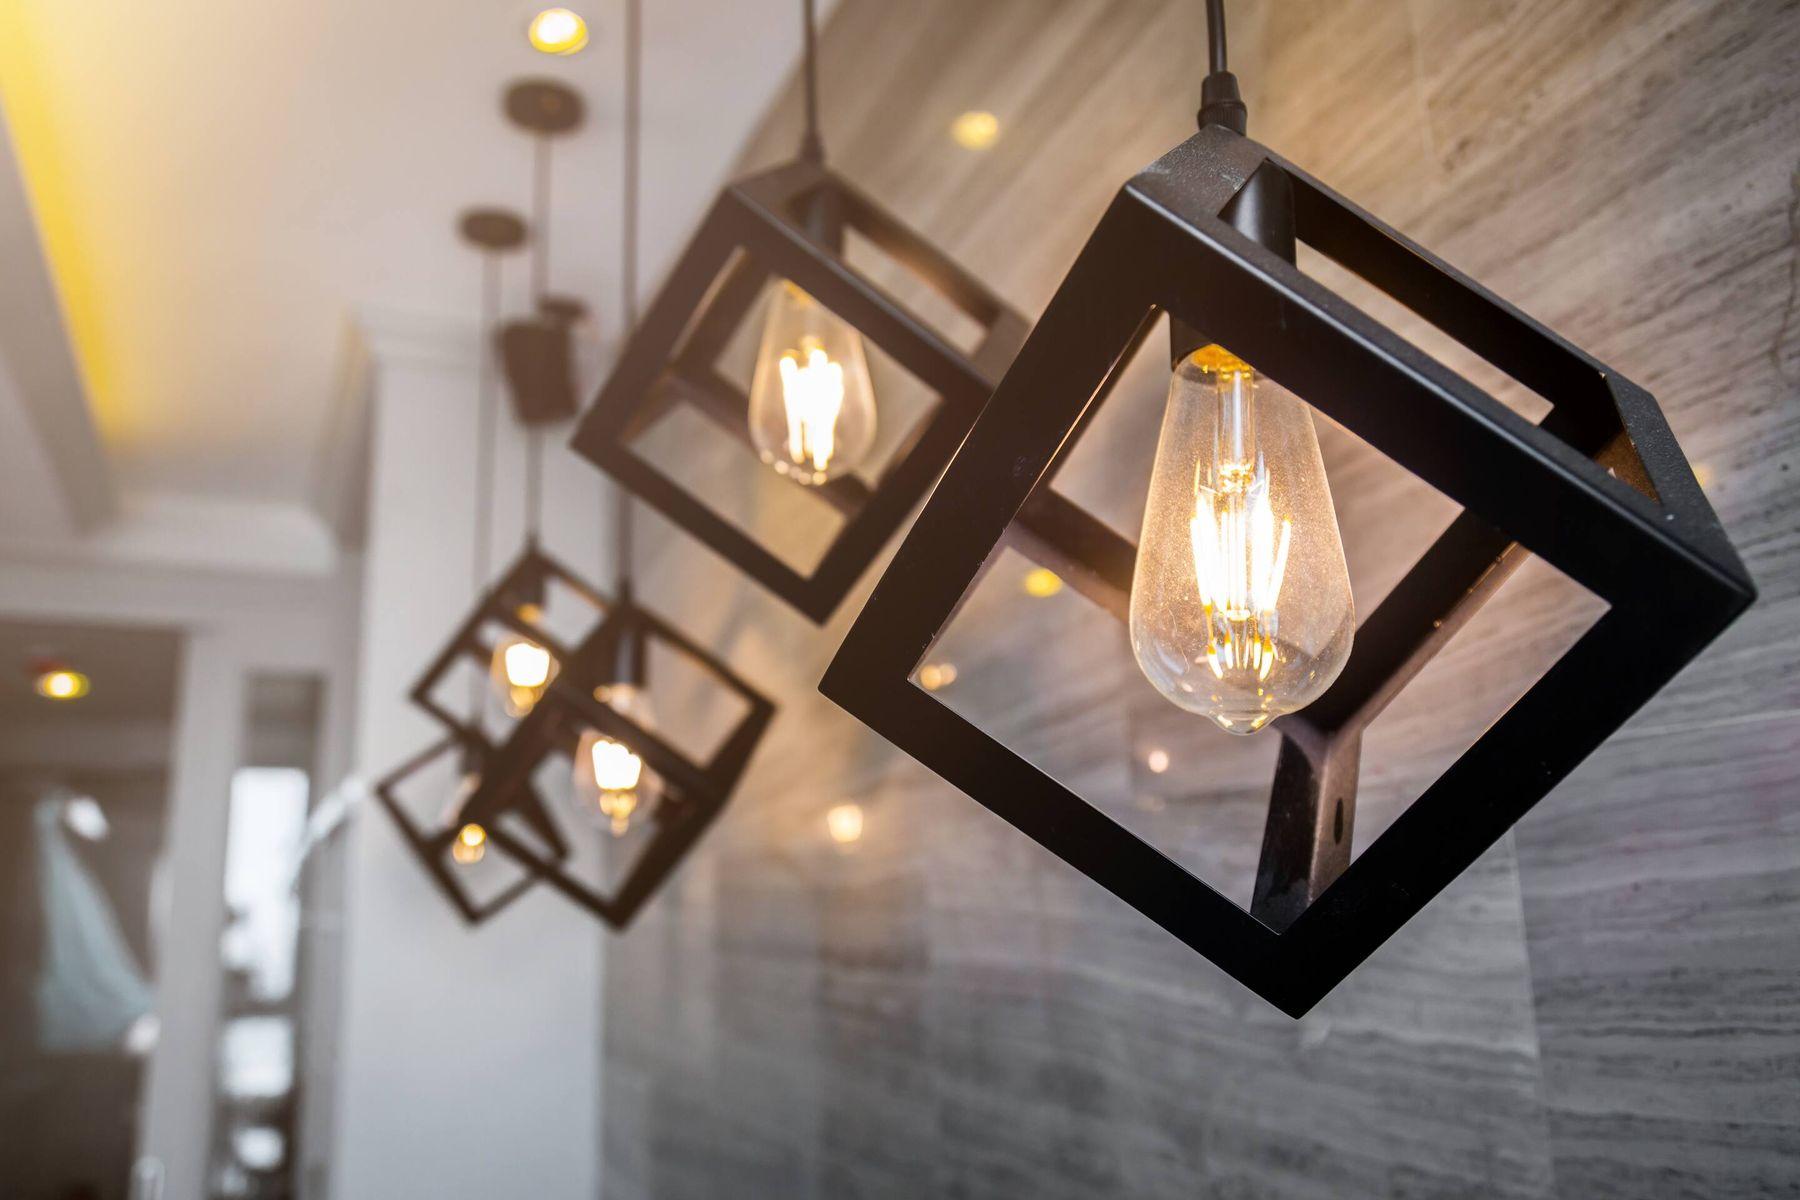 खूब सारी बिजली बचाने के लिए यहाँ पर कुछ श्रेष्ठ विकल्प दिए गए हैं!